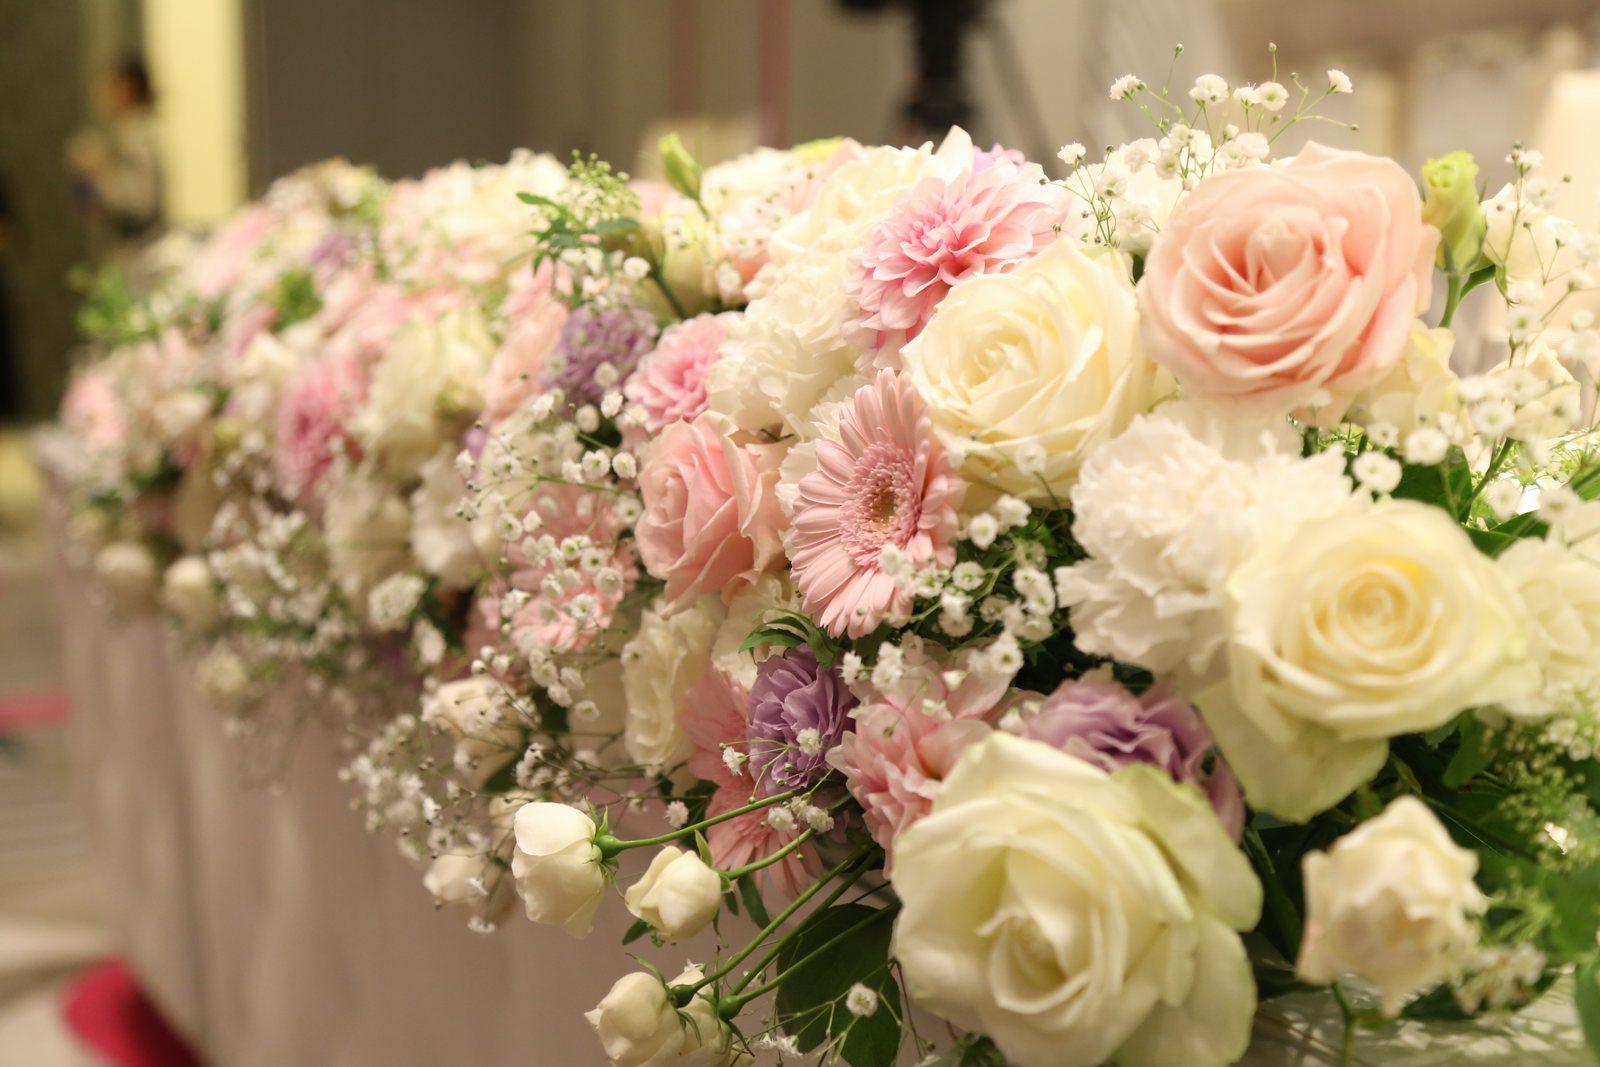 徳島市の結婚式場ブランアンジュでピンクとラベンダーのかわいいテーブルコーディネート